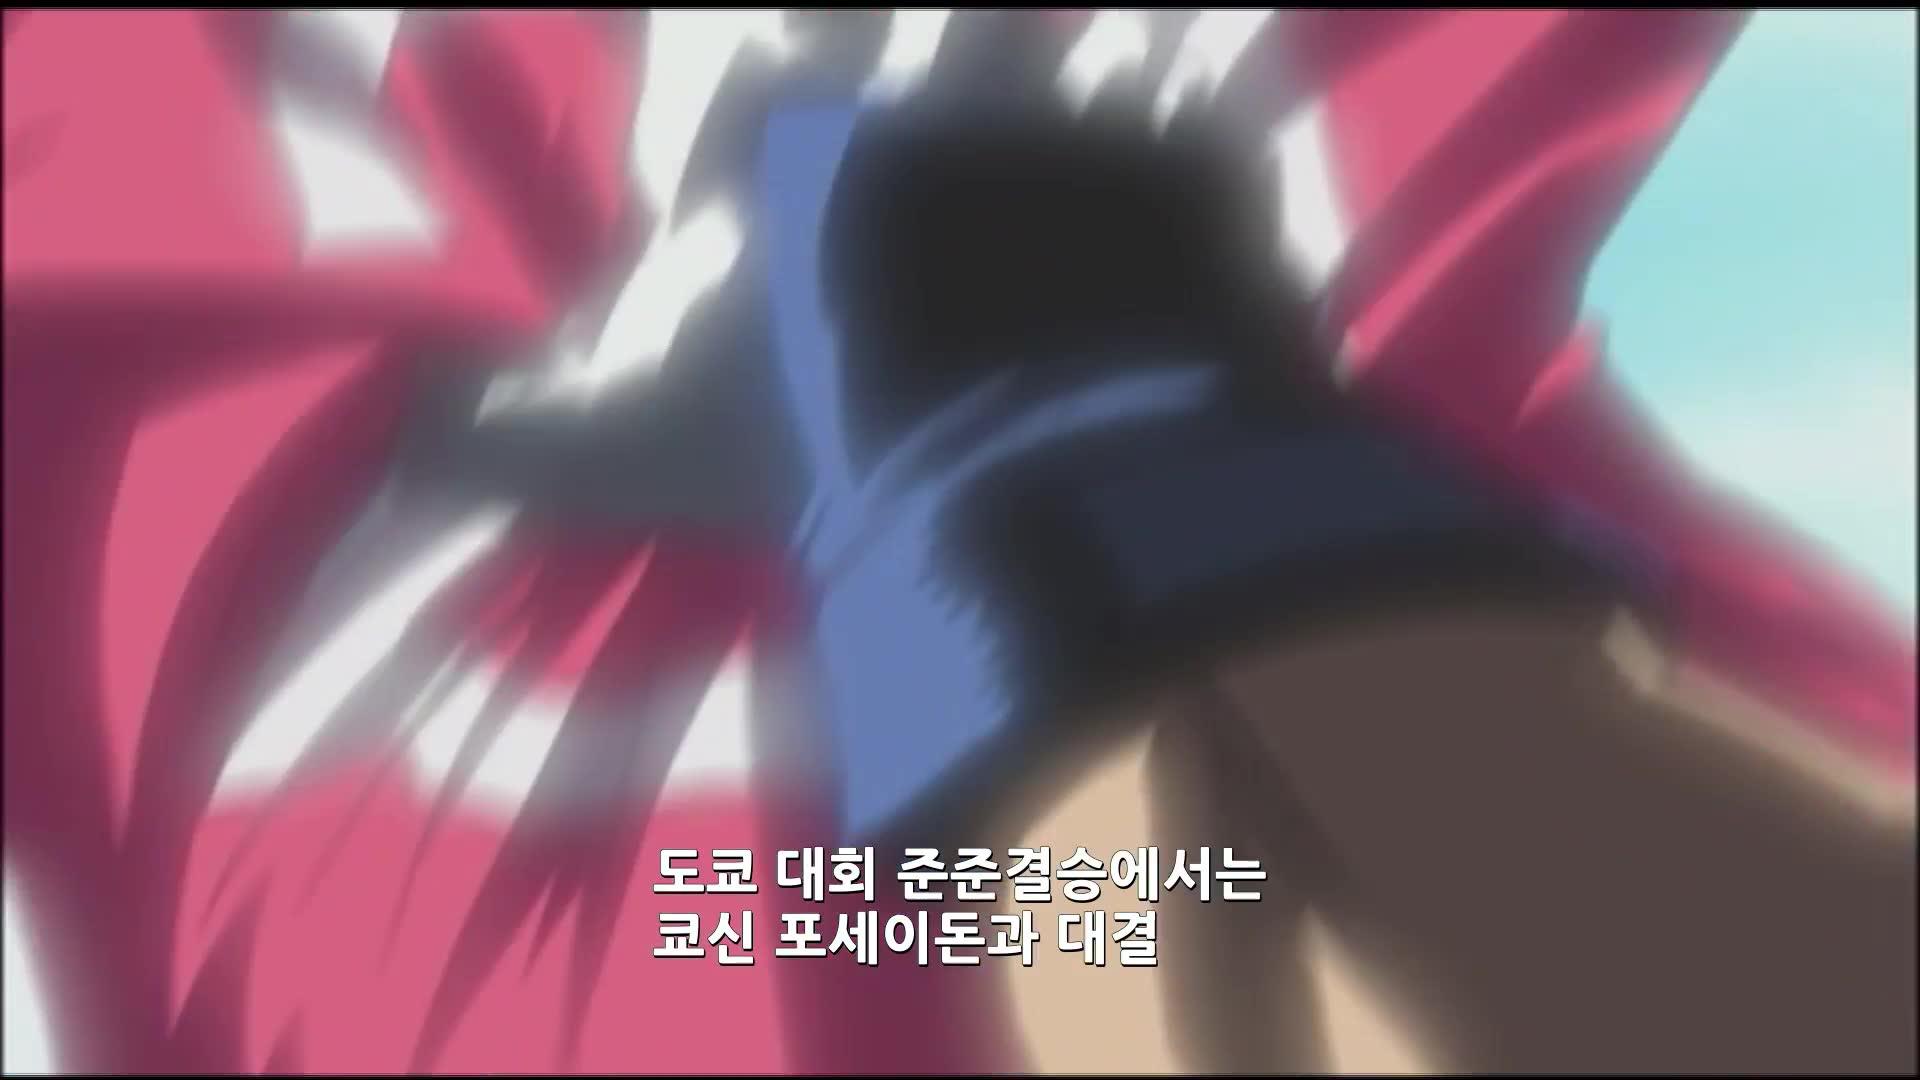 제130화 개전의 팡파르